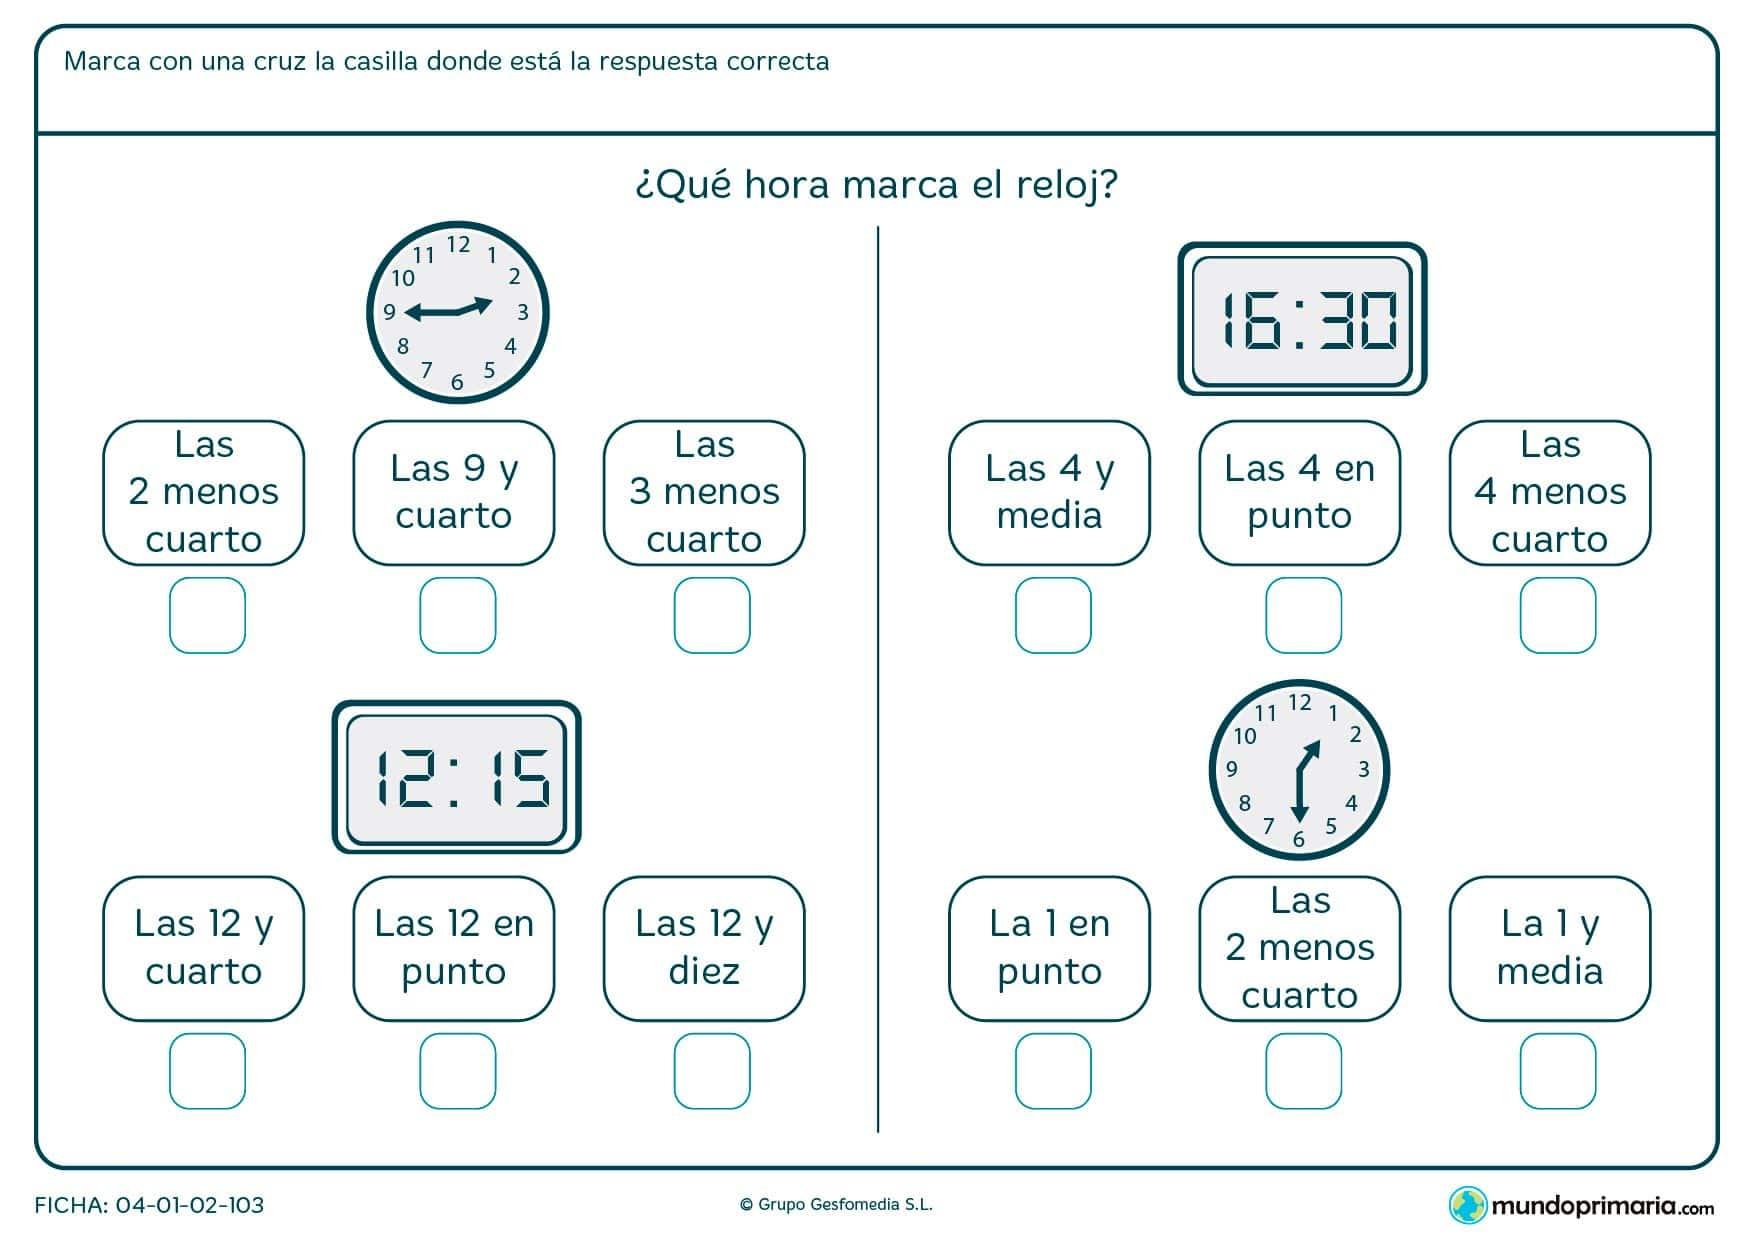 Ficha de relojes diferentes para interpretar su hora y señalar correctamente la respuesta.